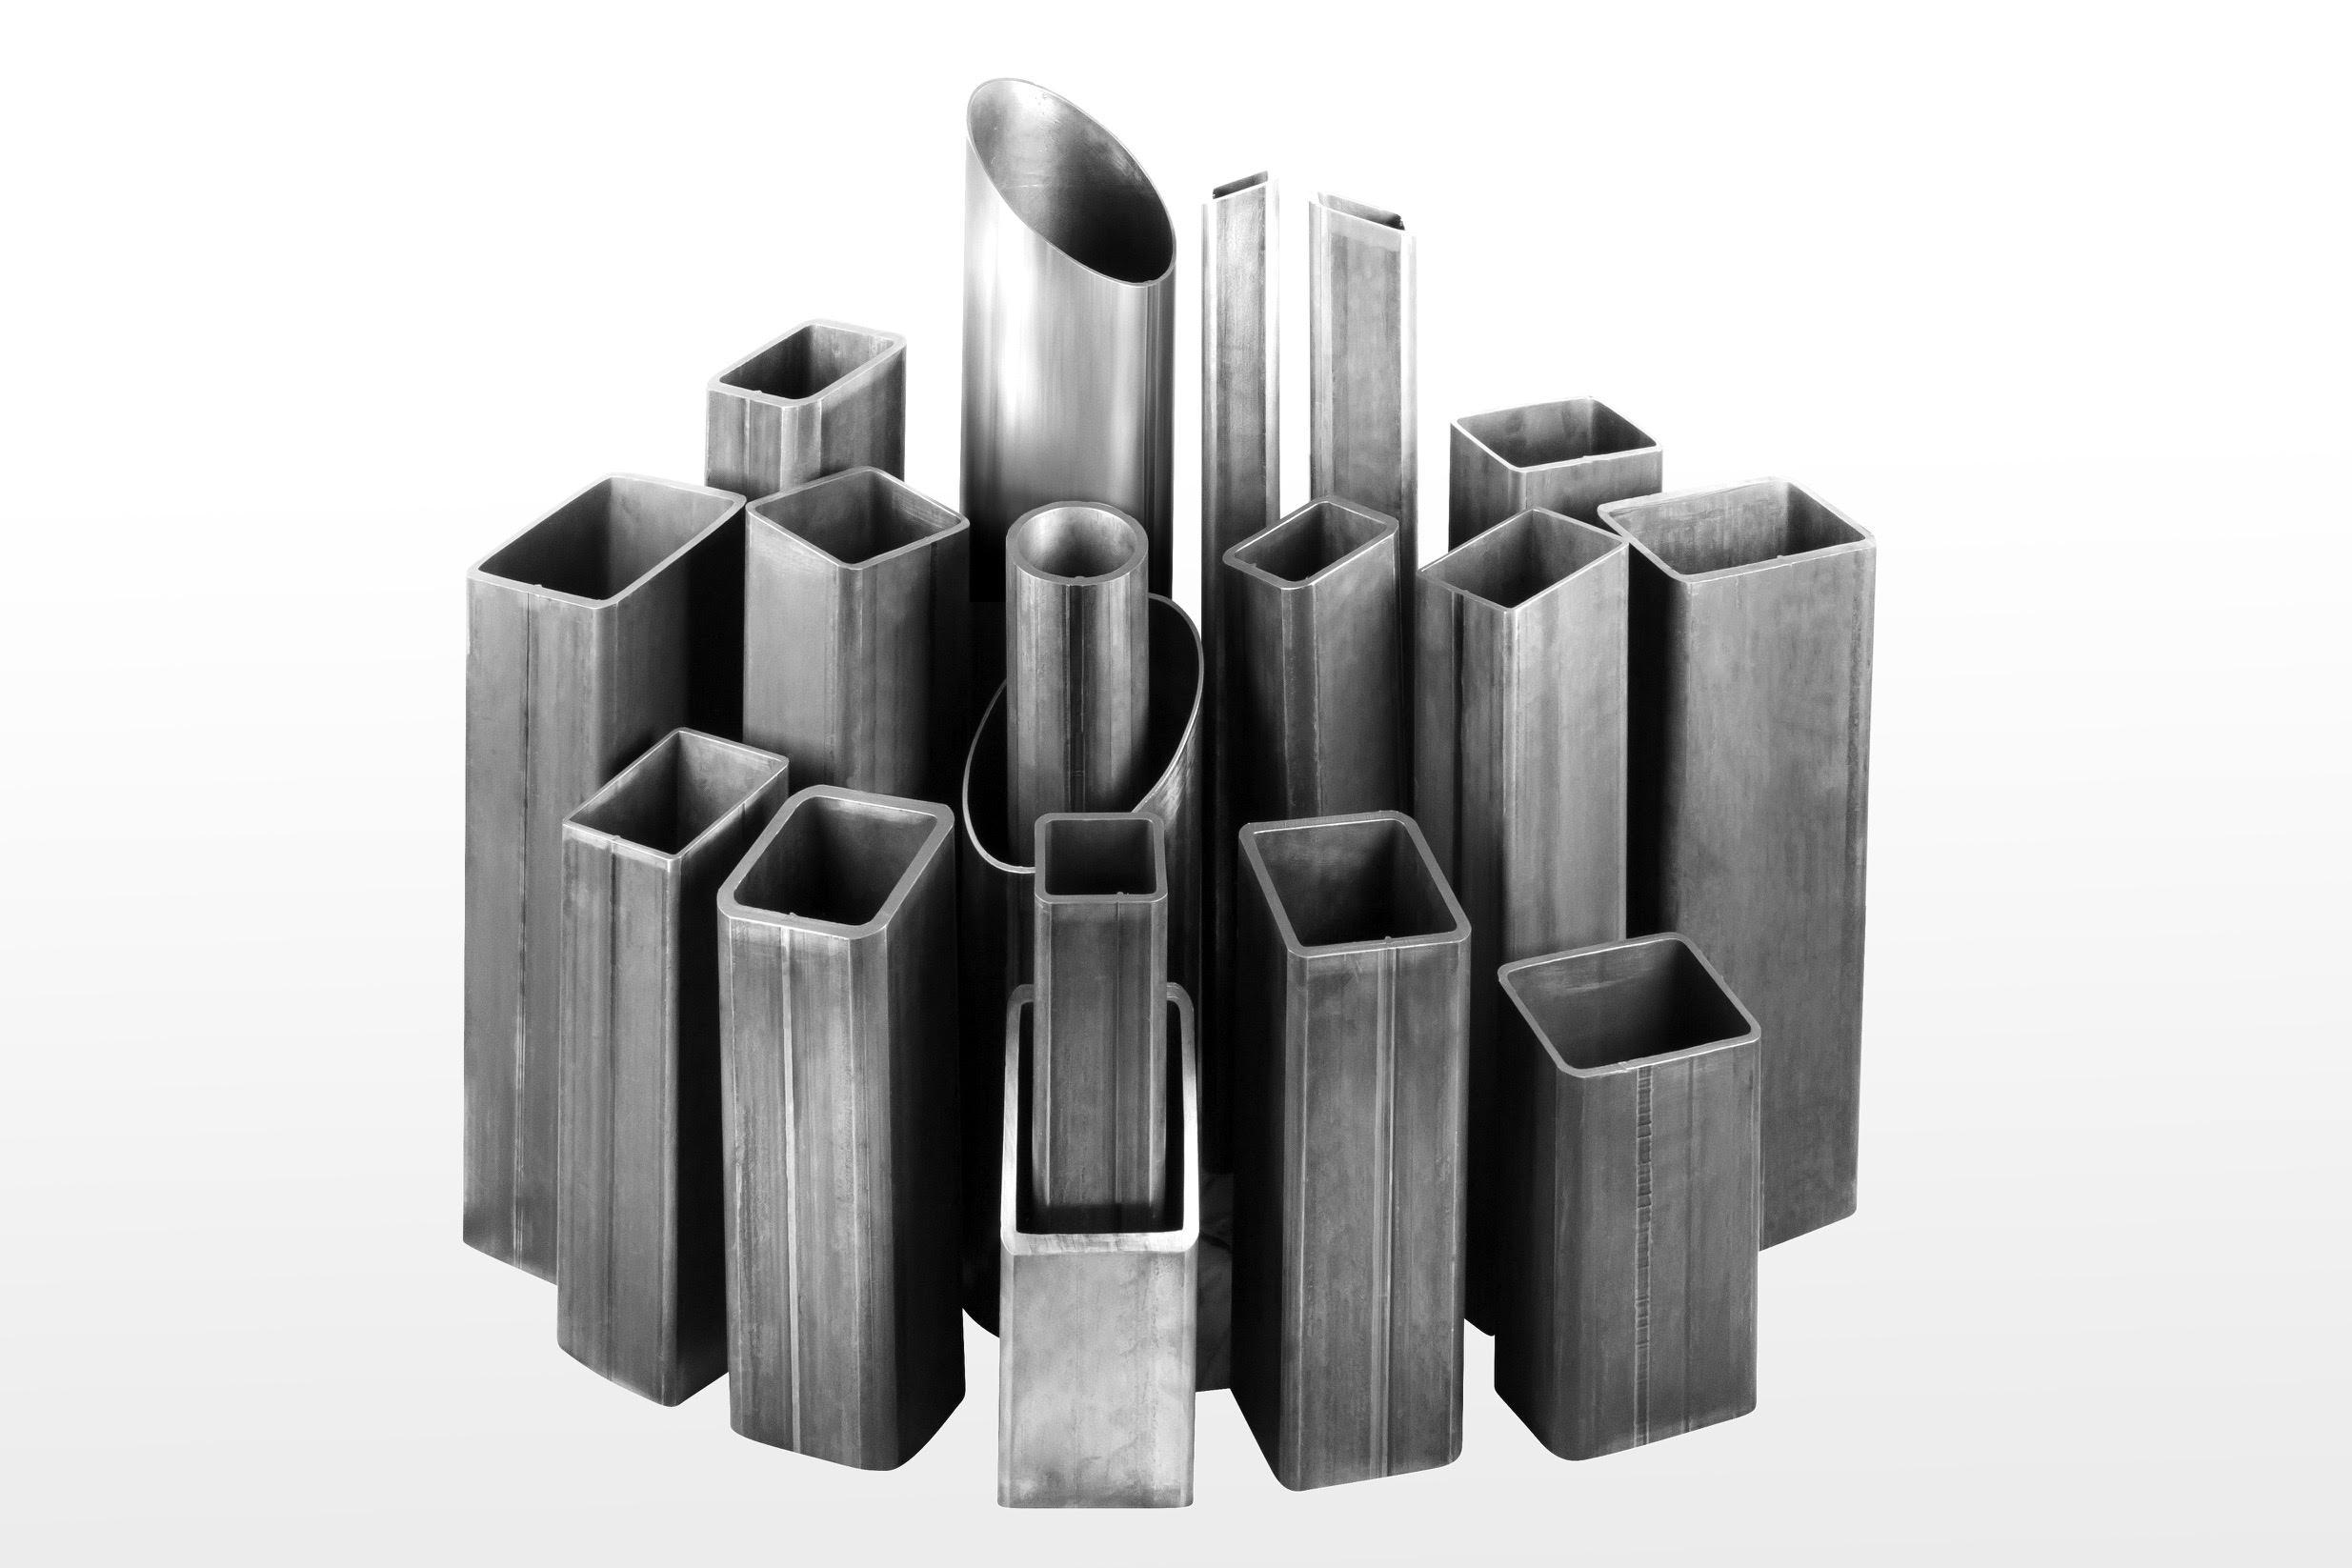 قیمت پروفیل در بازار محصولات فولادی